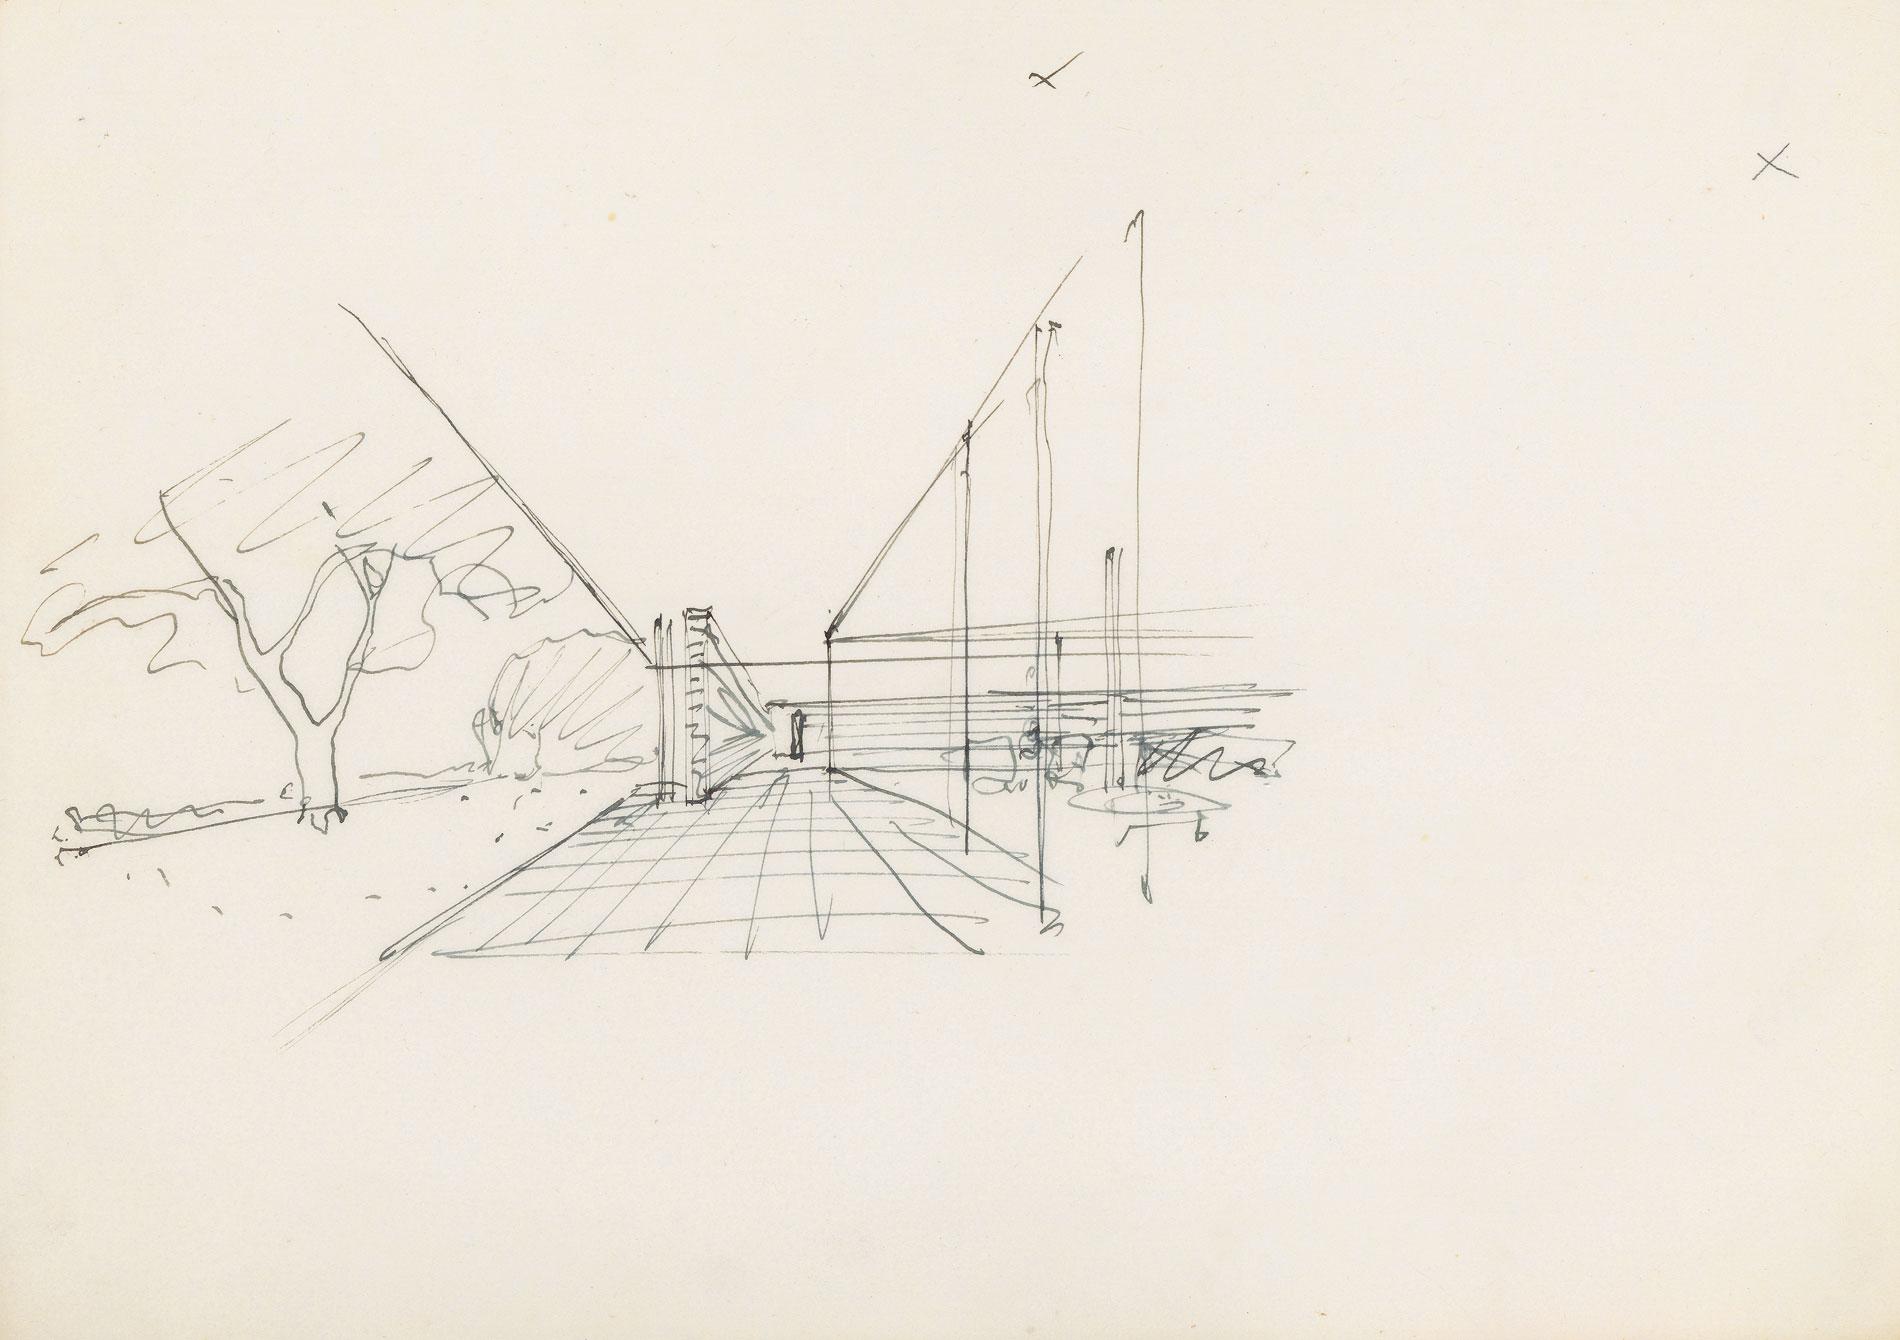 Ludwig Mies van der Rohe, Entwurf für ein Pavillon-Haus, 1934; Bauhaus-Archiv - Museum für Gestaltung, Berlin